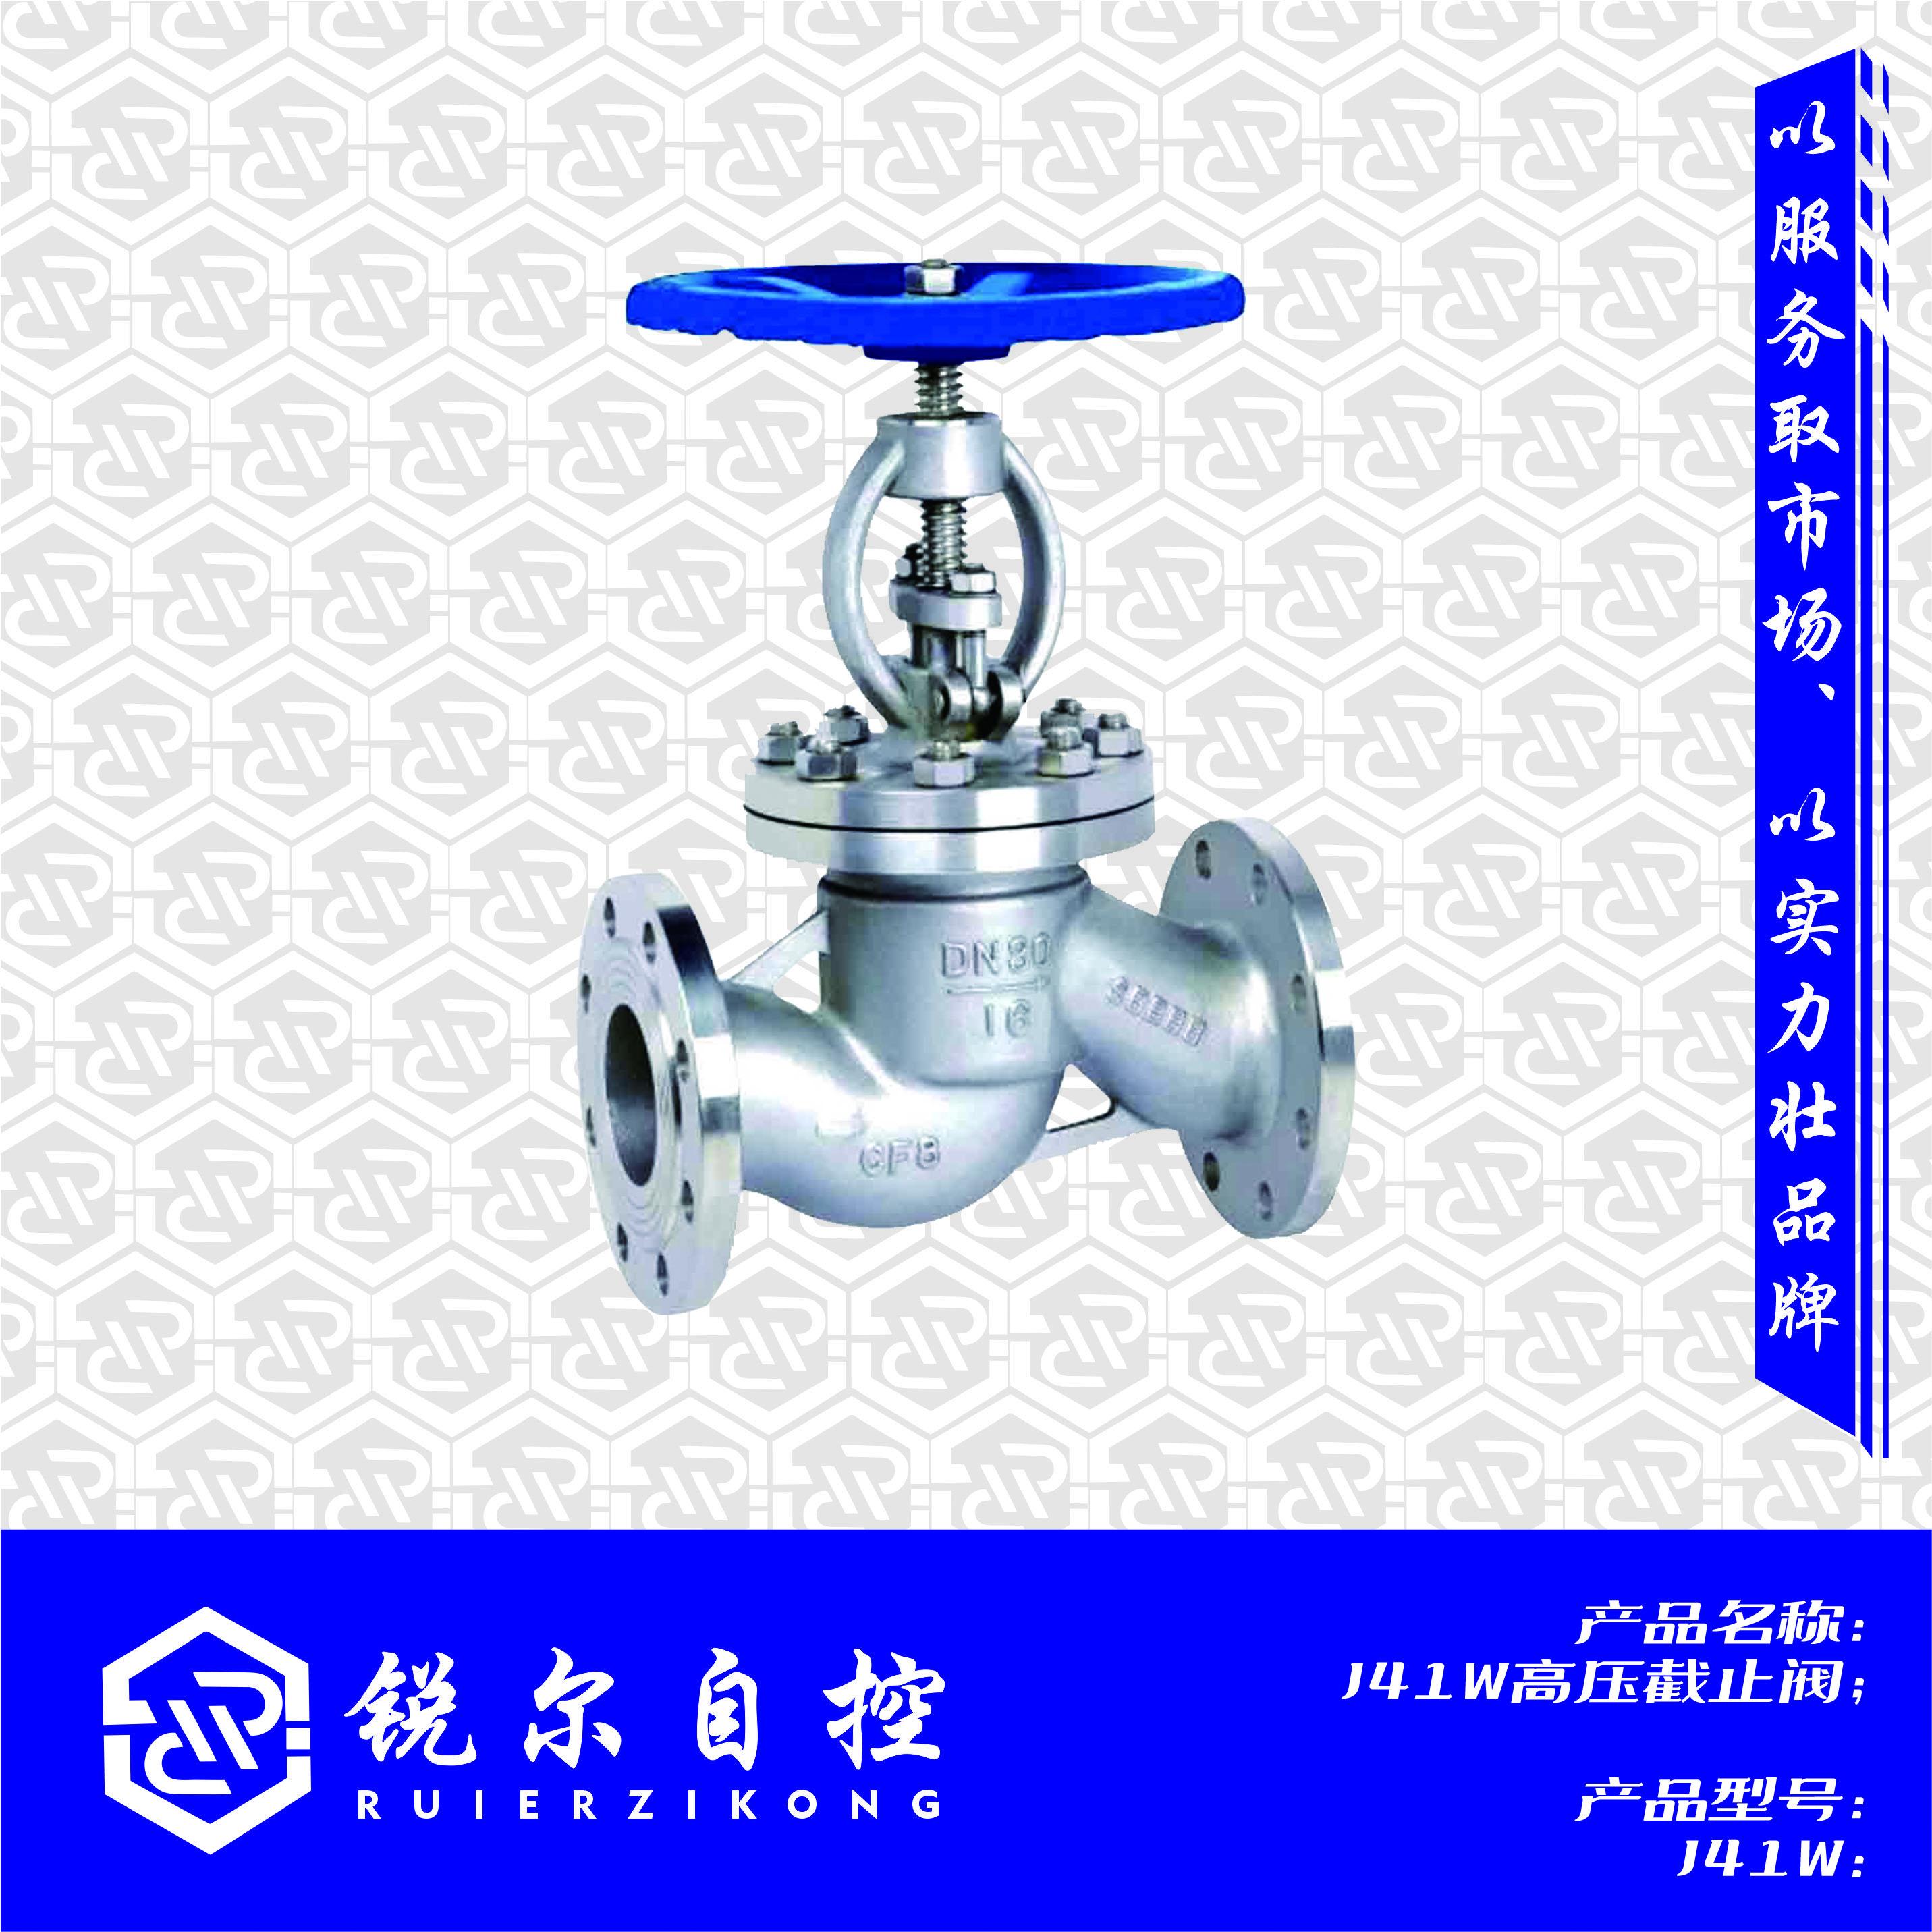 上海锐尔高压截止阀J41W高压法兰截止阀